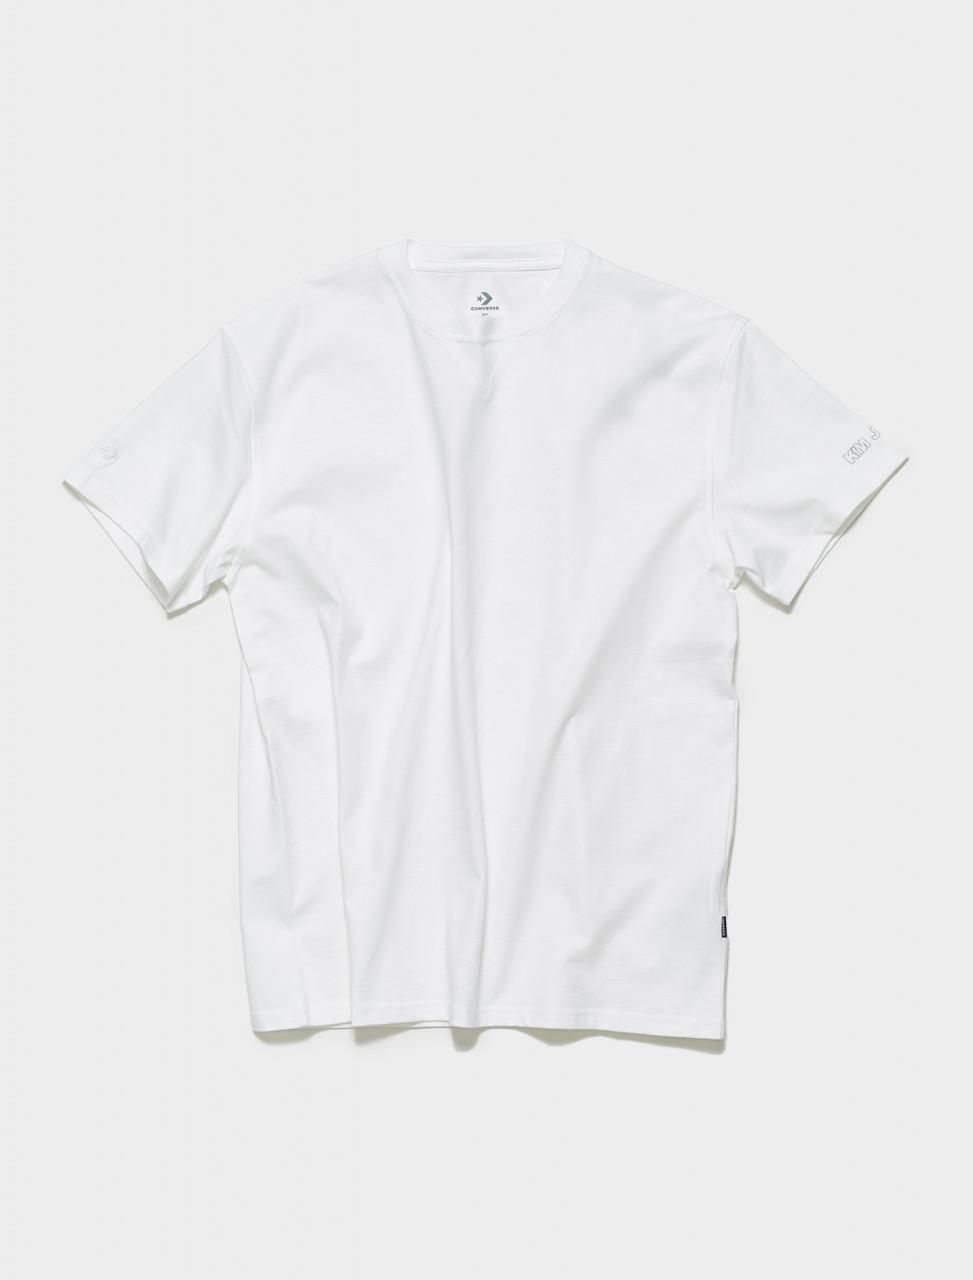 10021732-A01 CONVERSE X KIM JONES T SHIRT IN WHITE